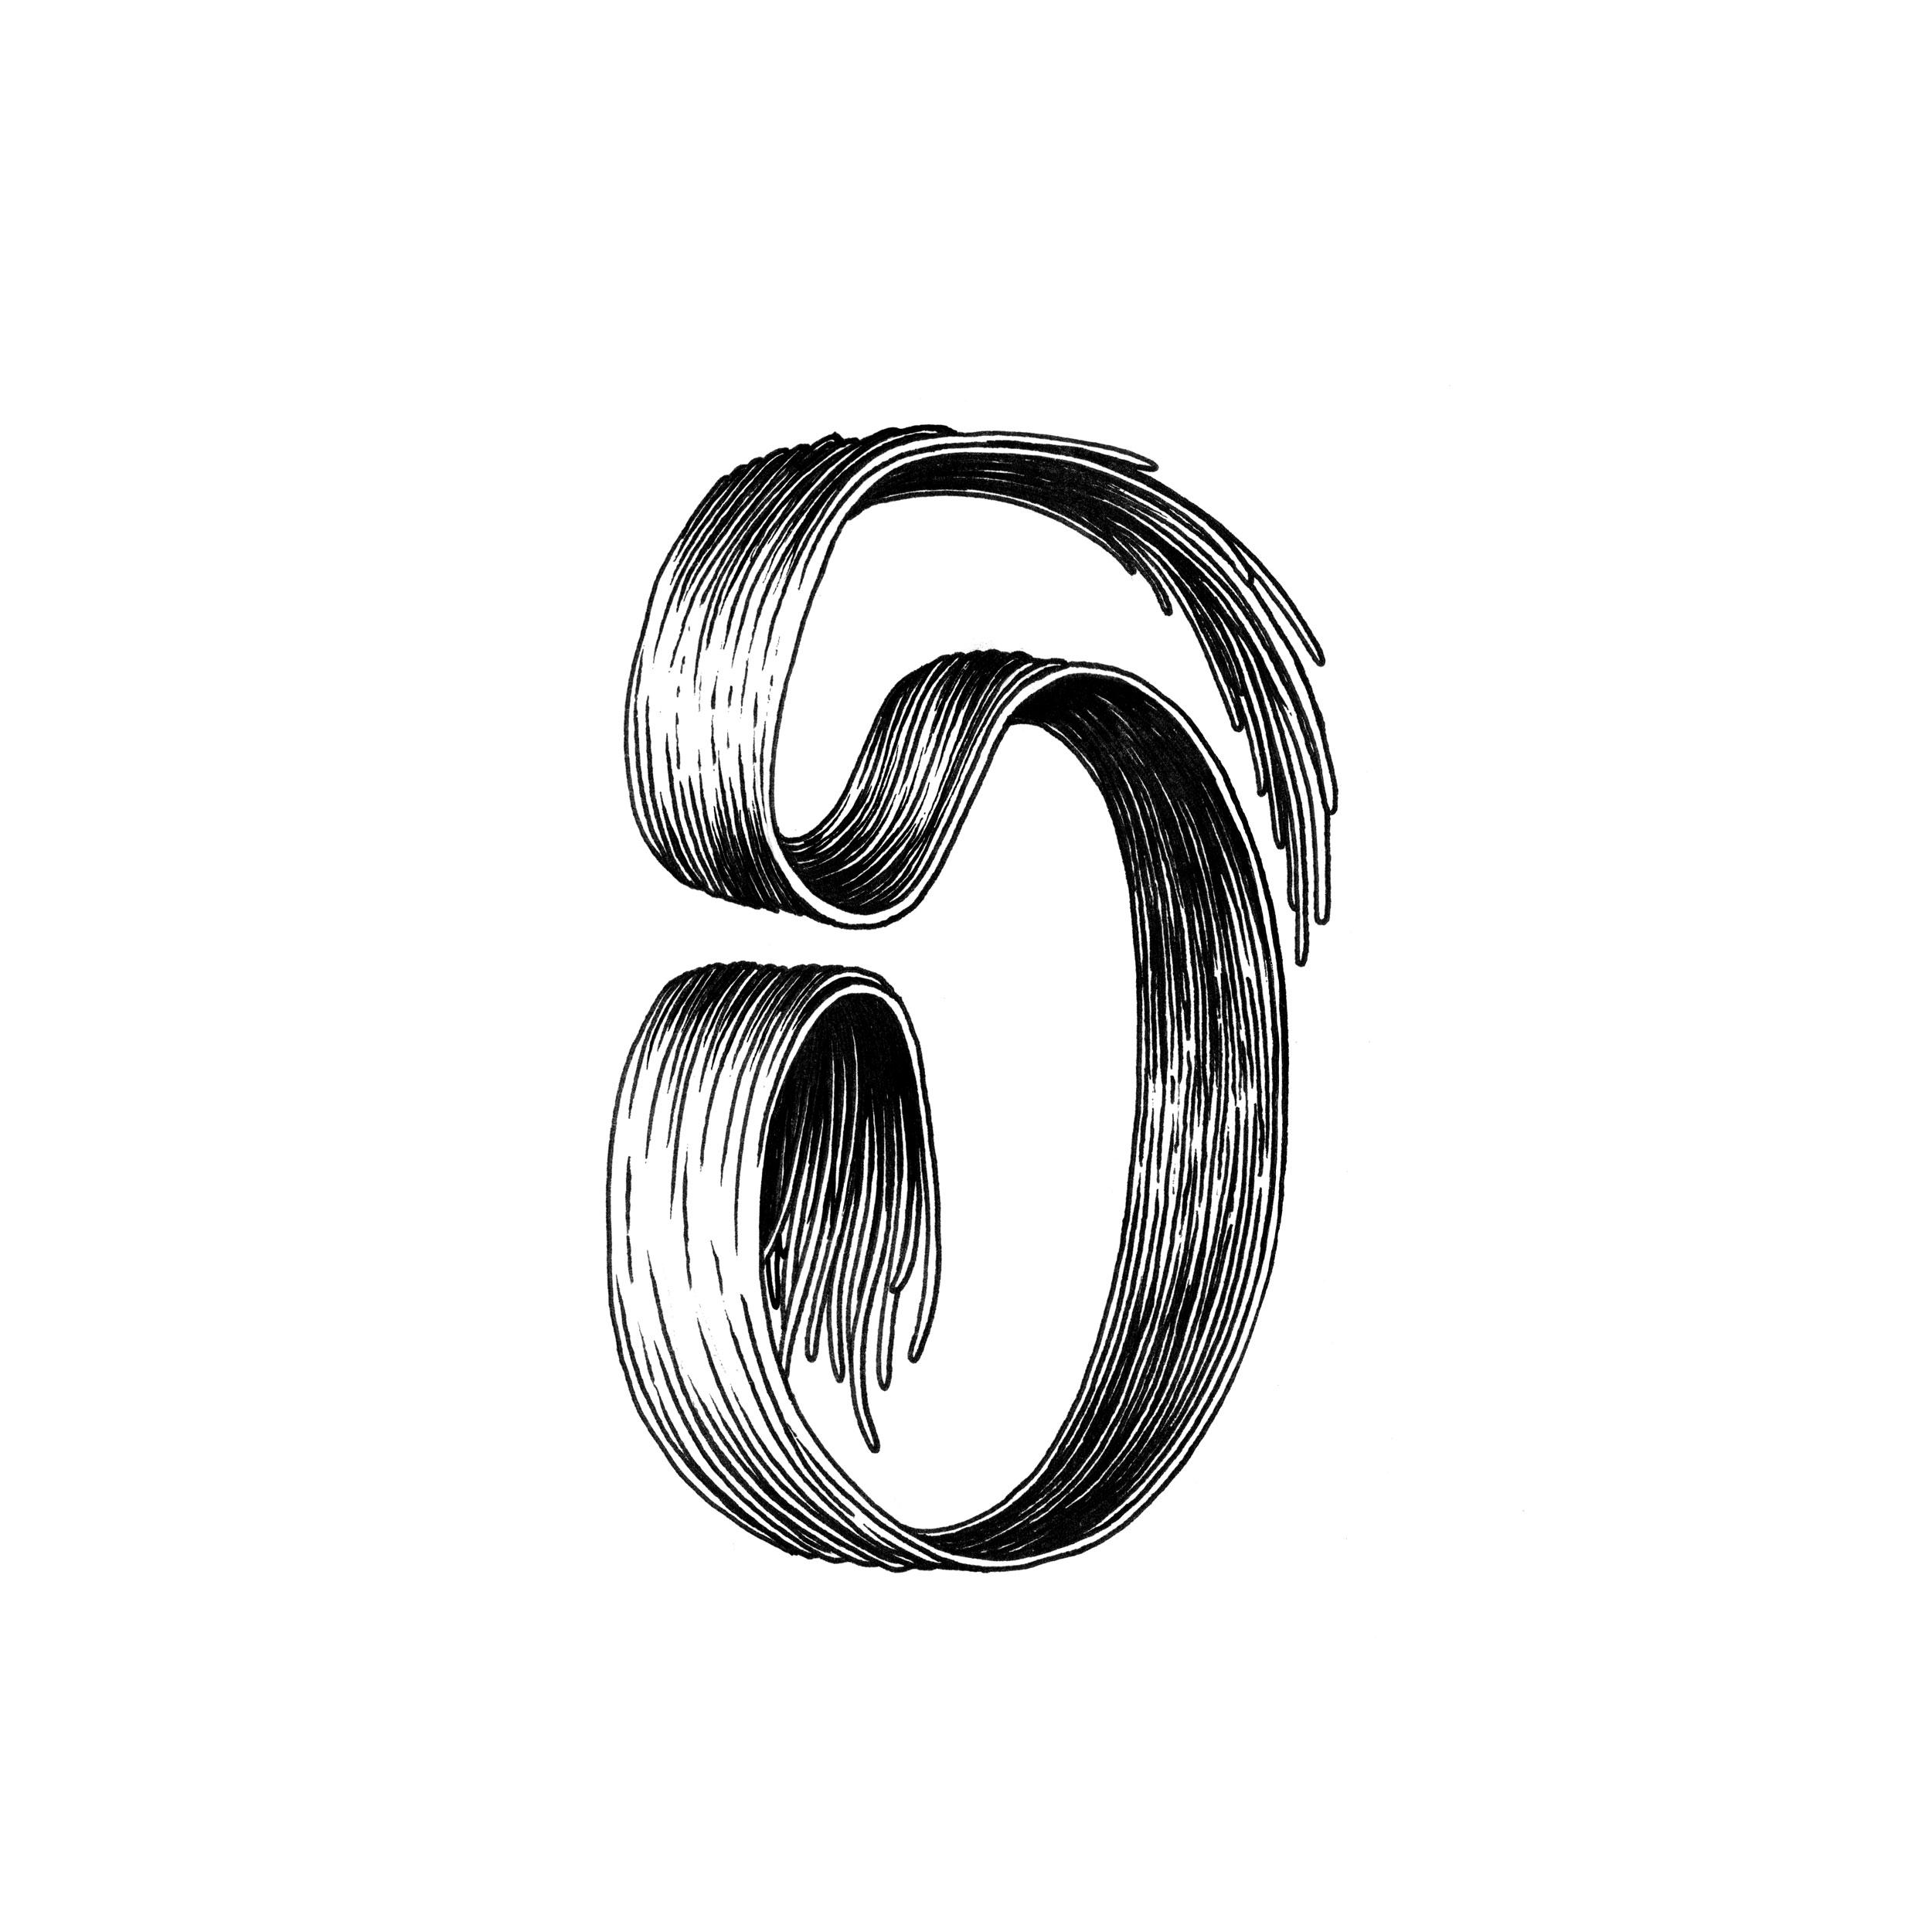 5_01-web.jpg